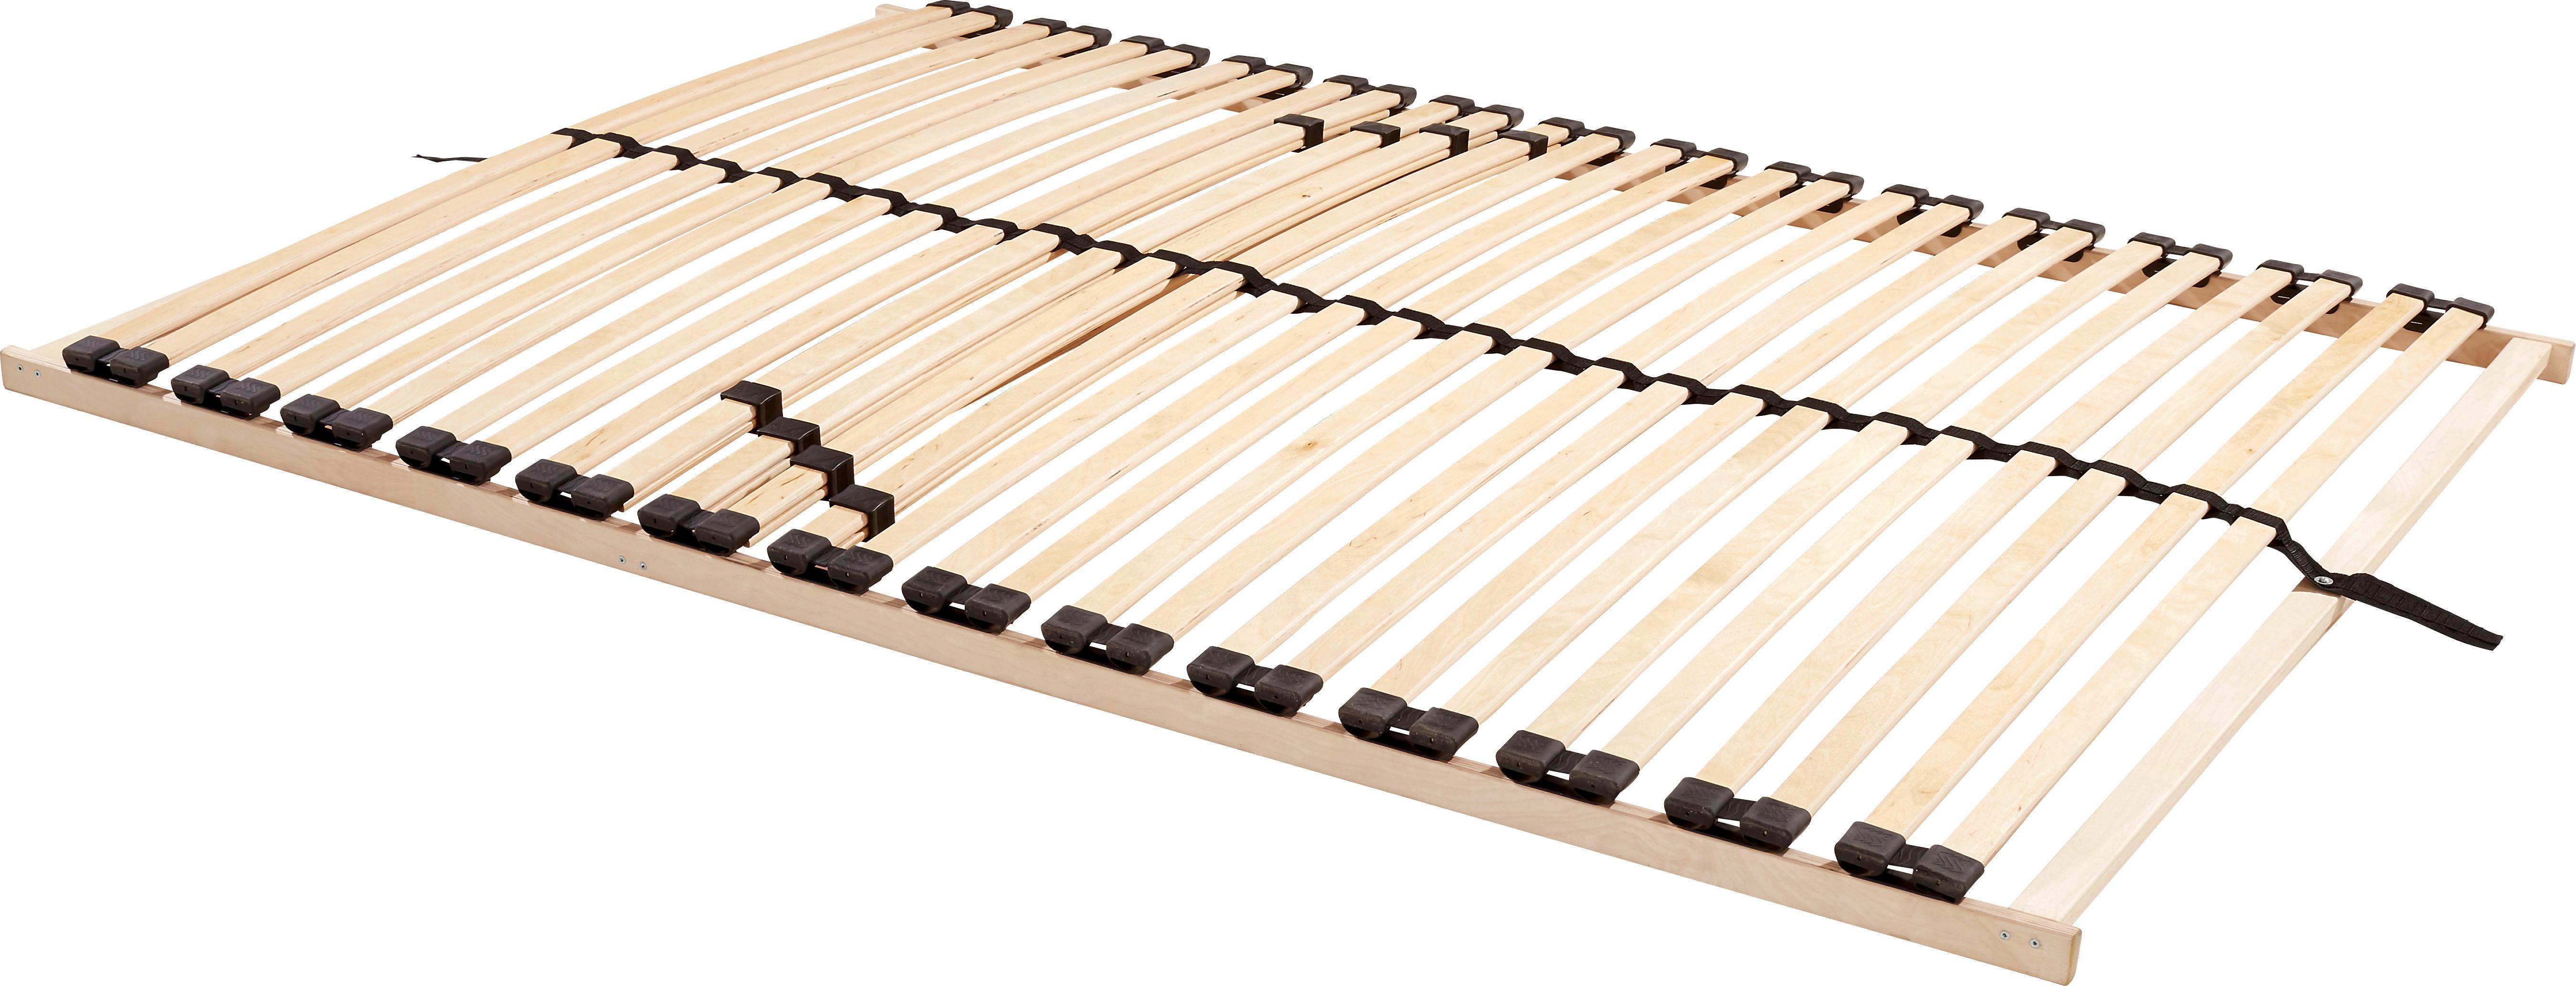 lattenroste 140 kommode schlafzimmer rustikal wandgestaltung mit dachschr ge bettw sche in. Black Bedroom Furniture Sets. Home Design Ideas